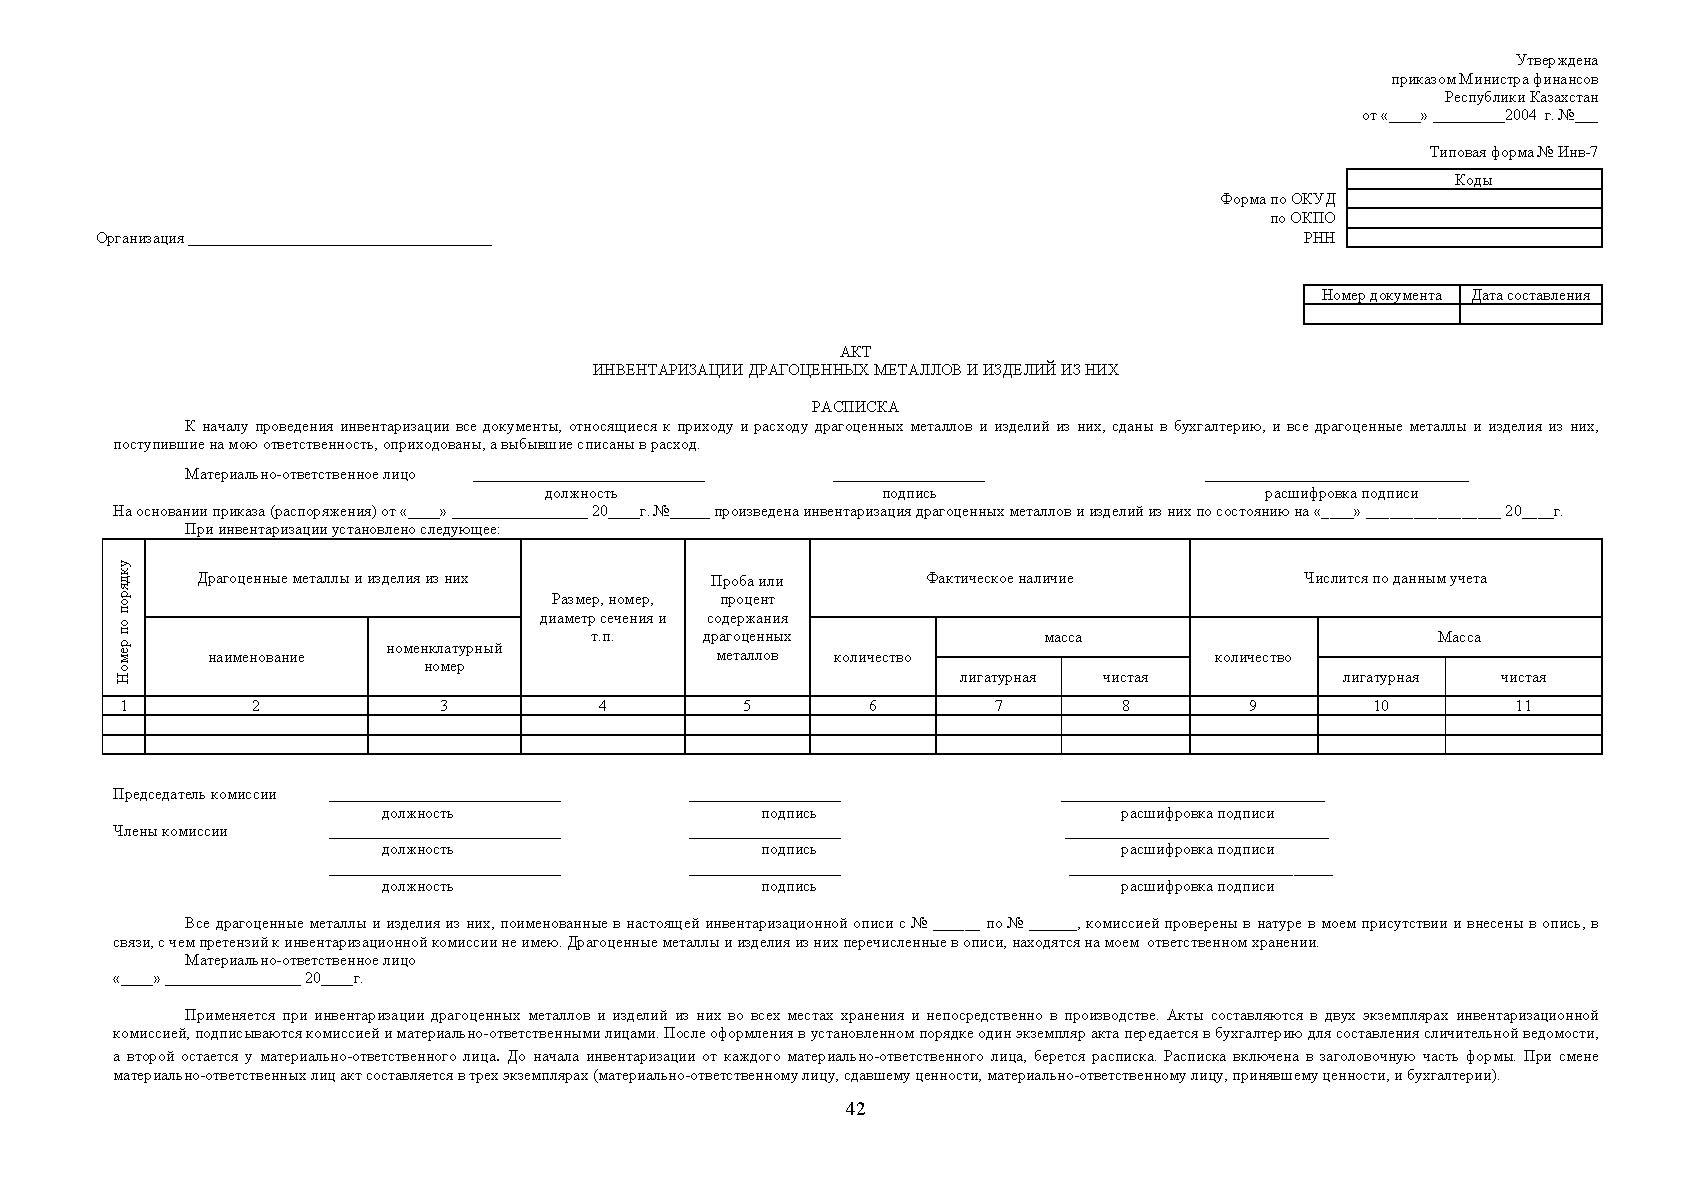 h журнал учета бланков строгой отчетности